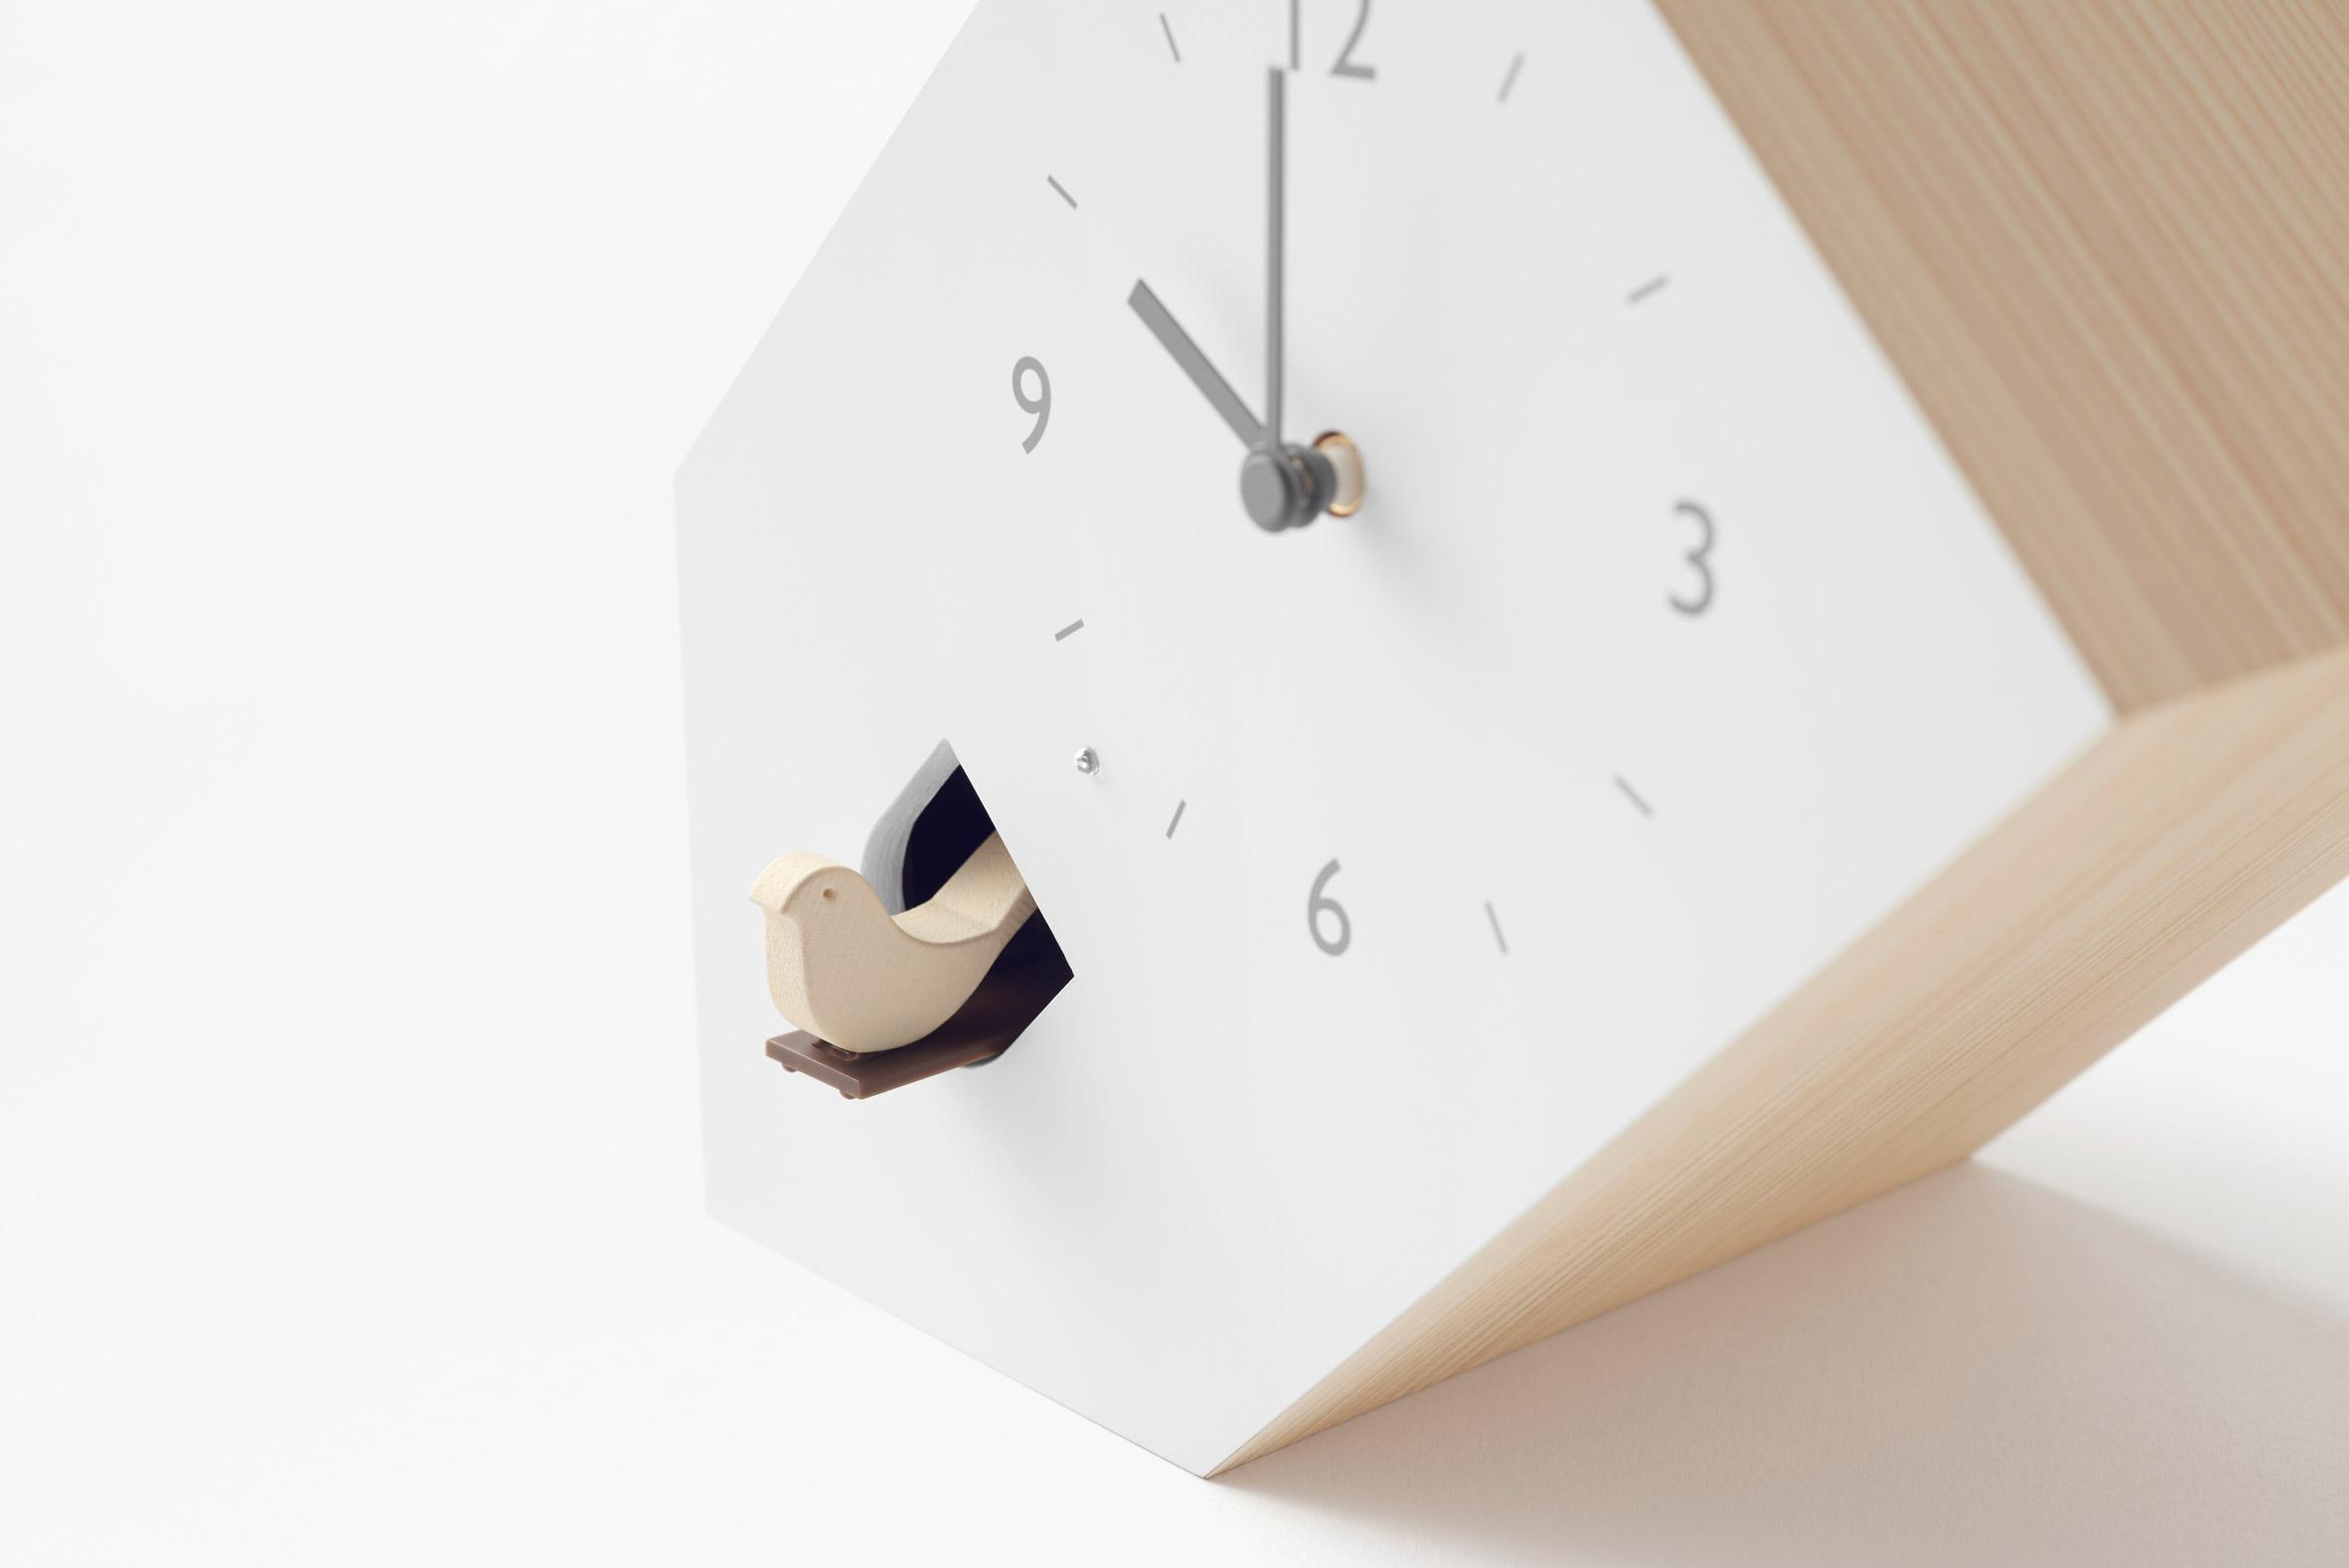 nendo-cuckoo-clocks-noko-09.jpg